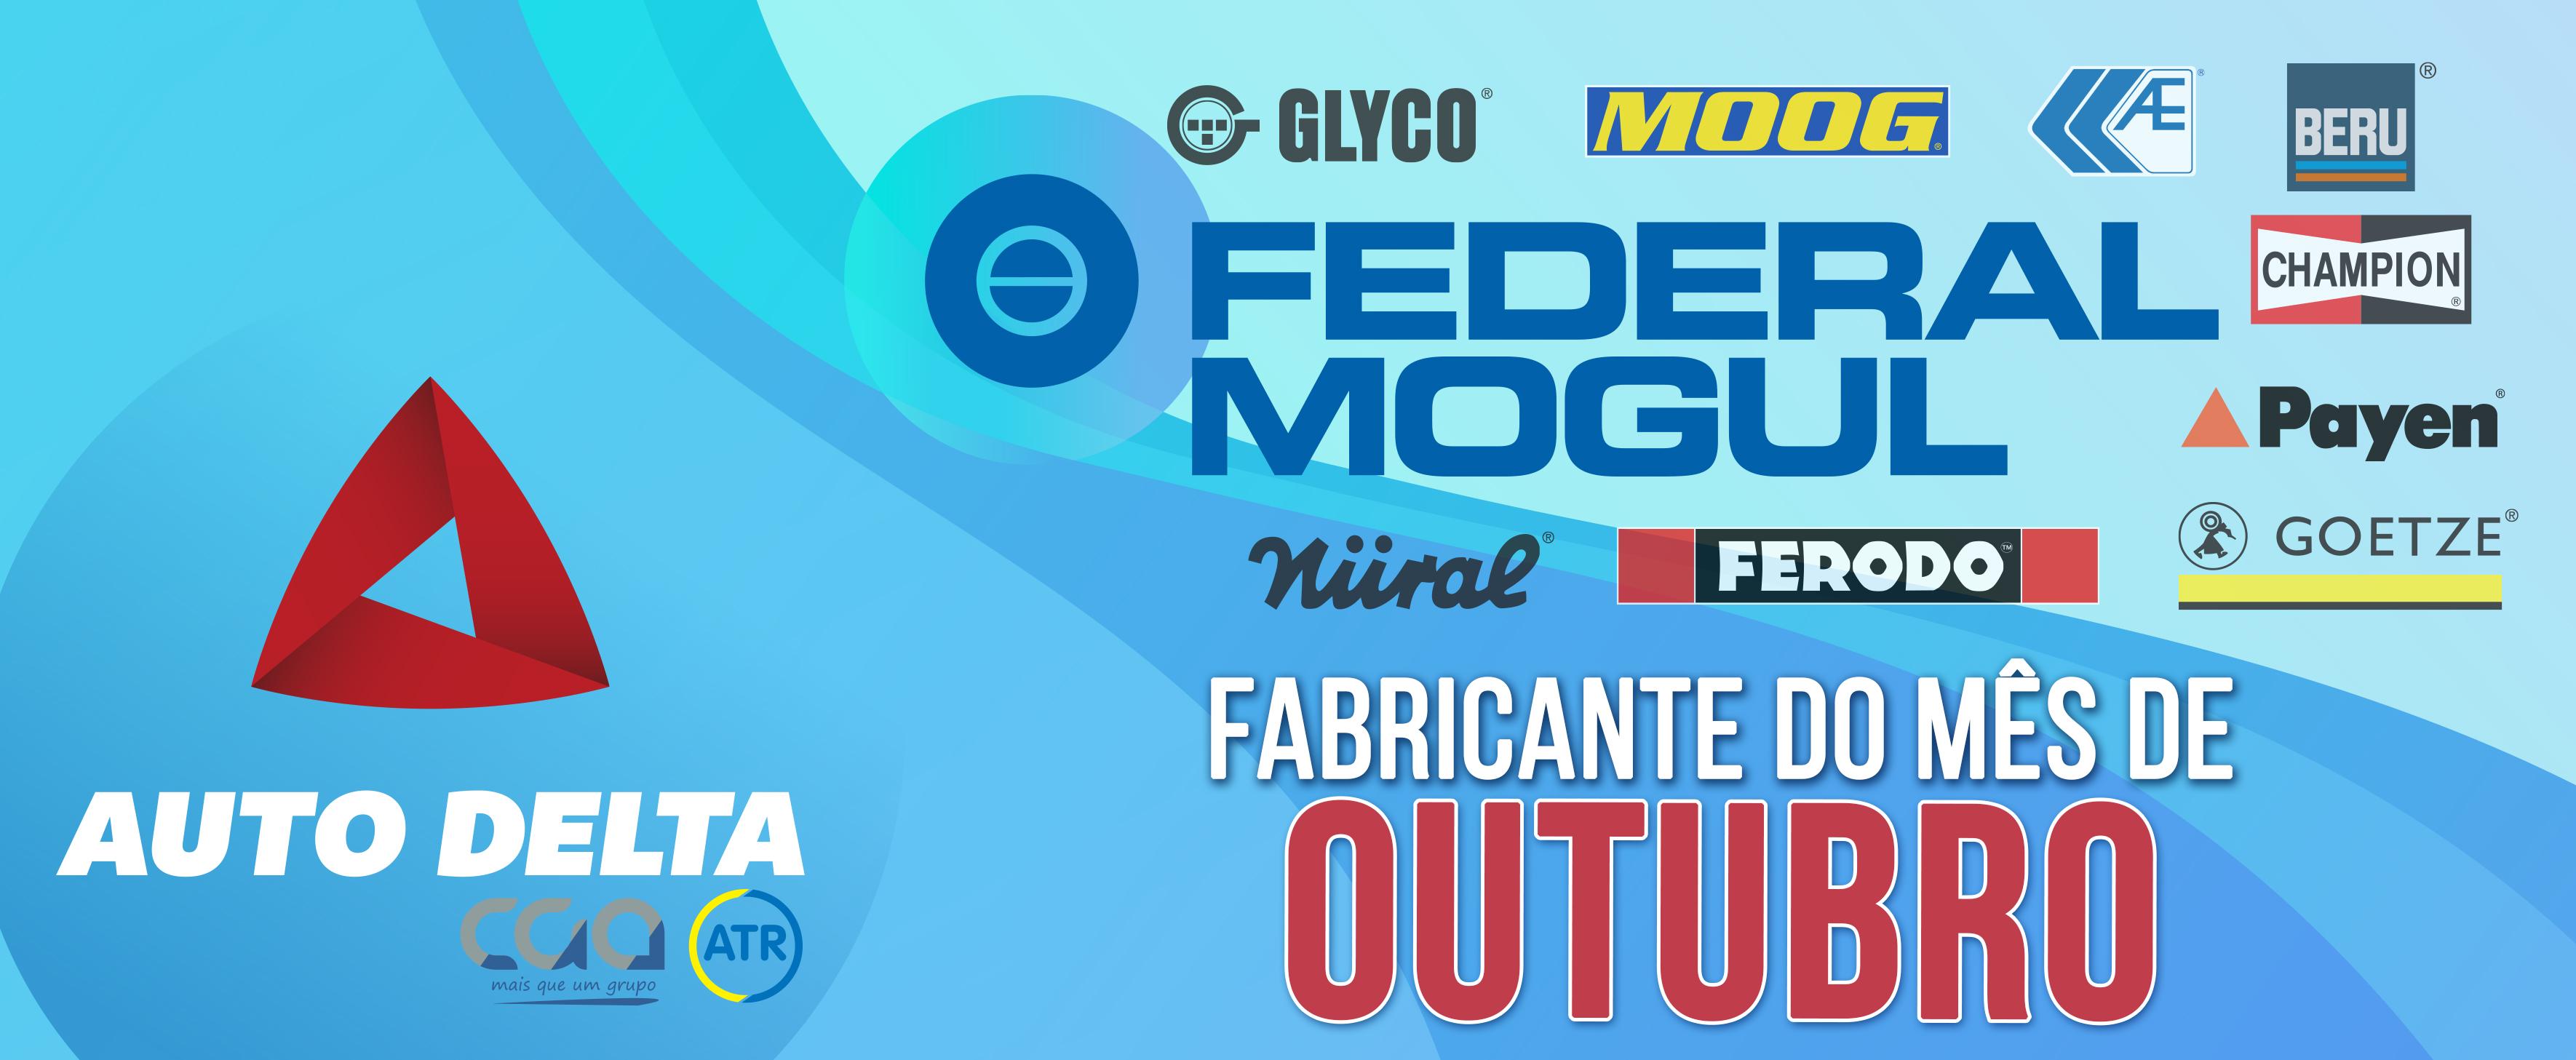 Auto Delta fabricante mês Federal Mogul